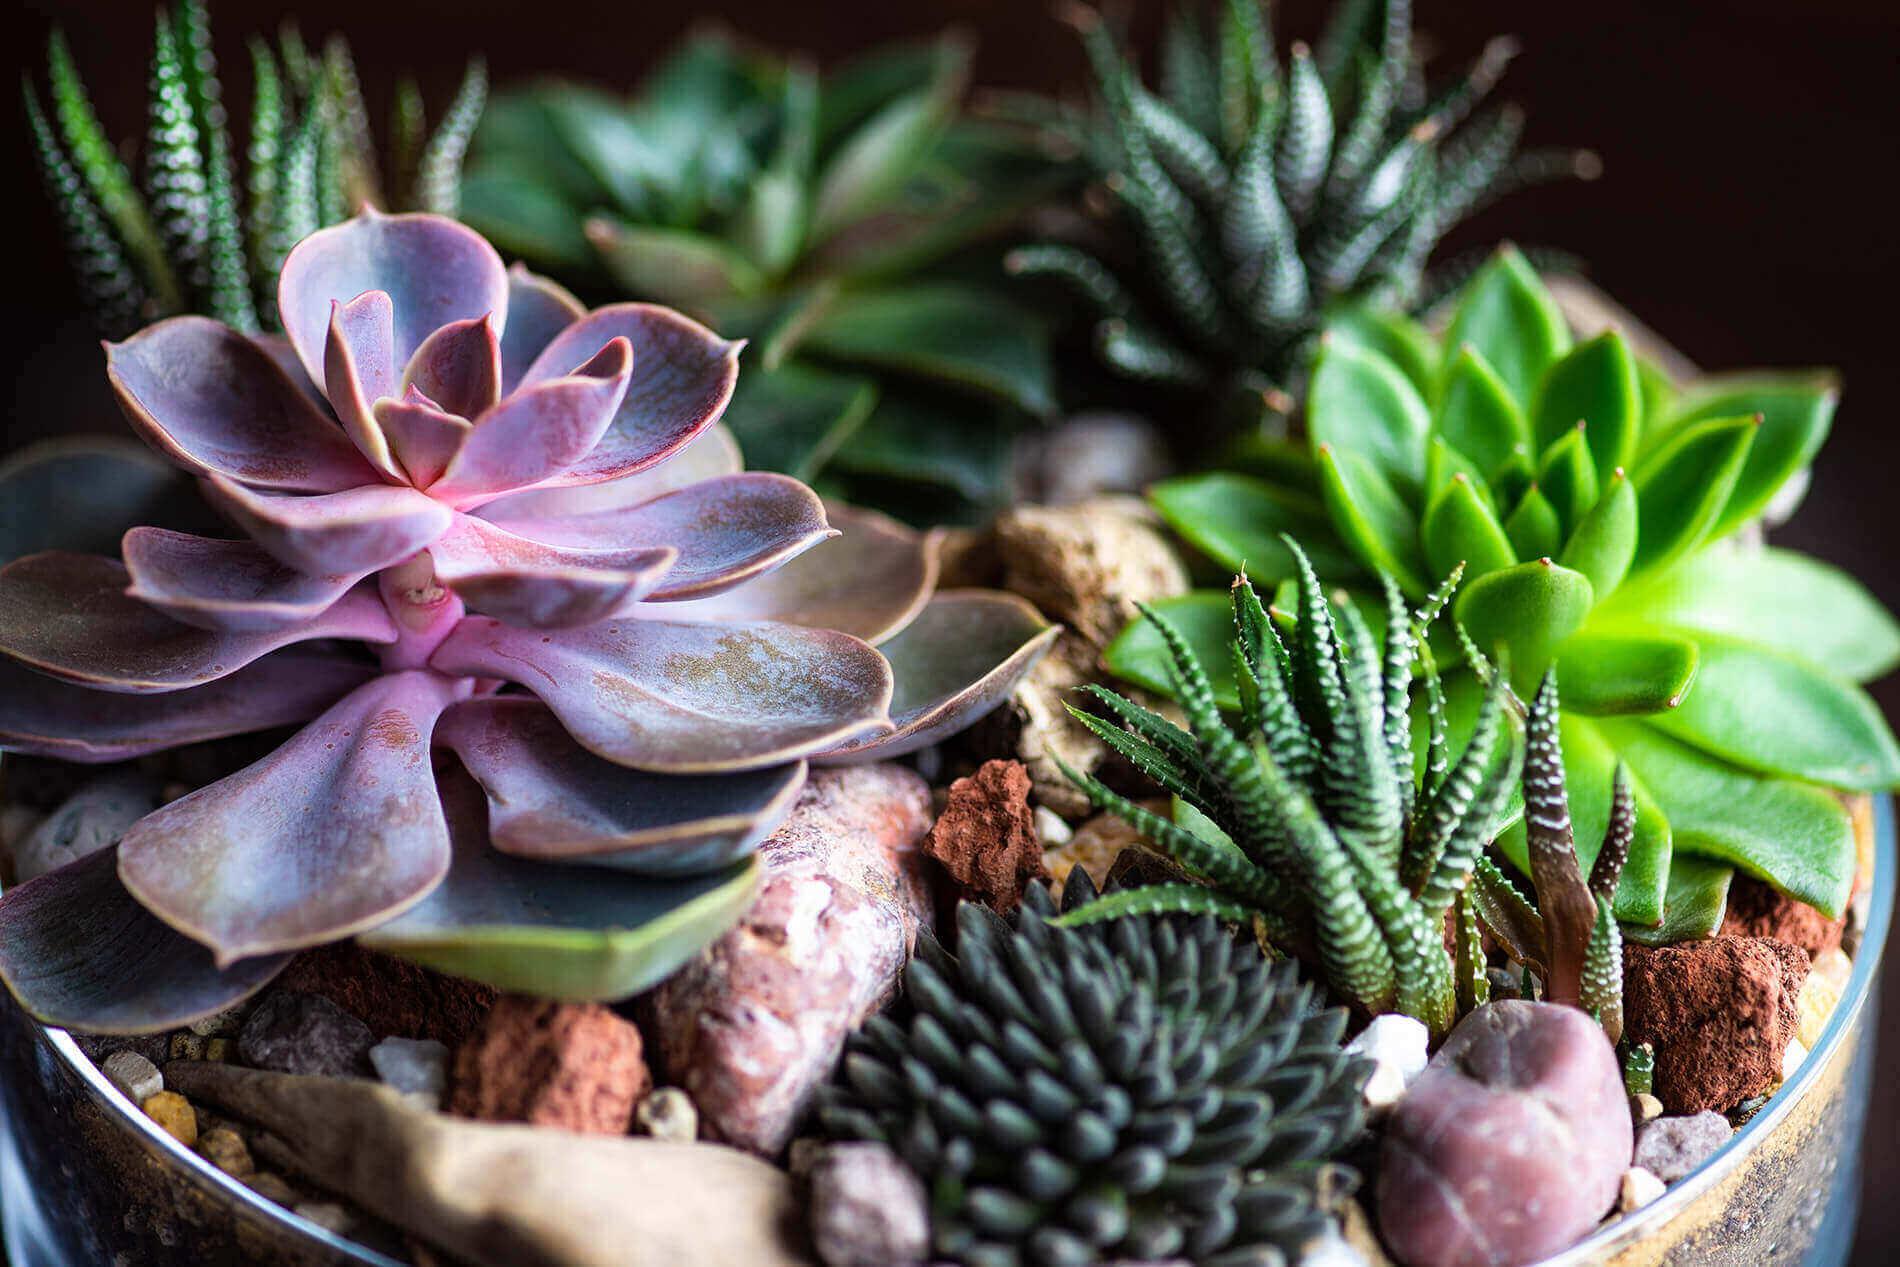 Perle Von Nurnberg Succulent in arrangement